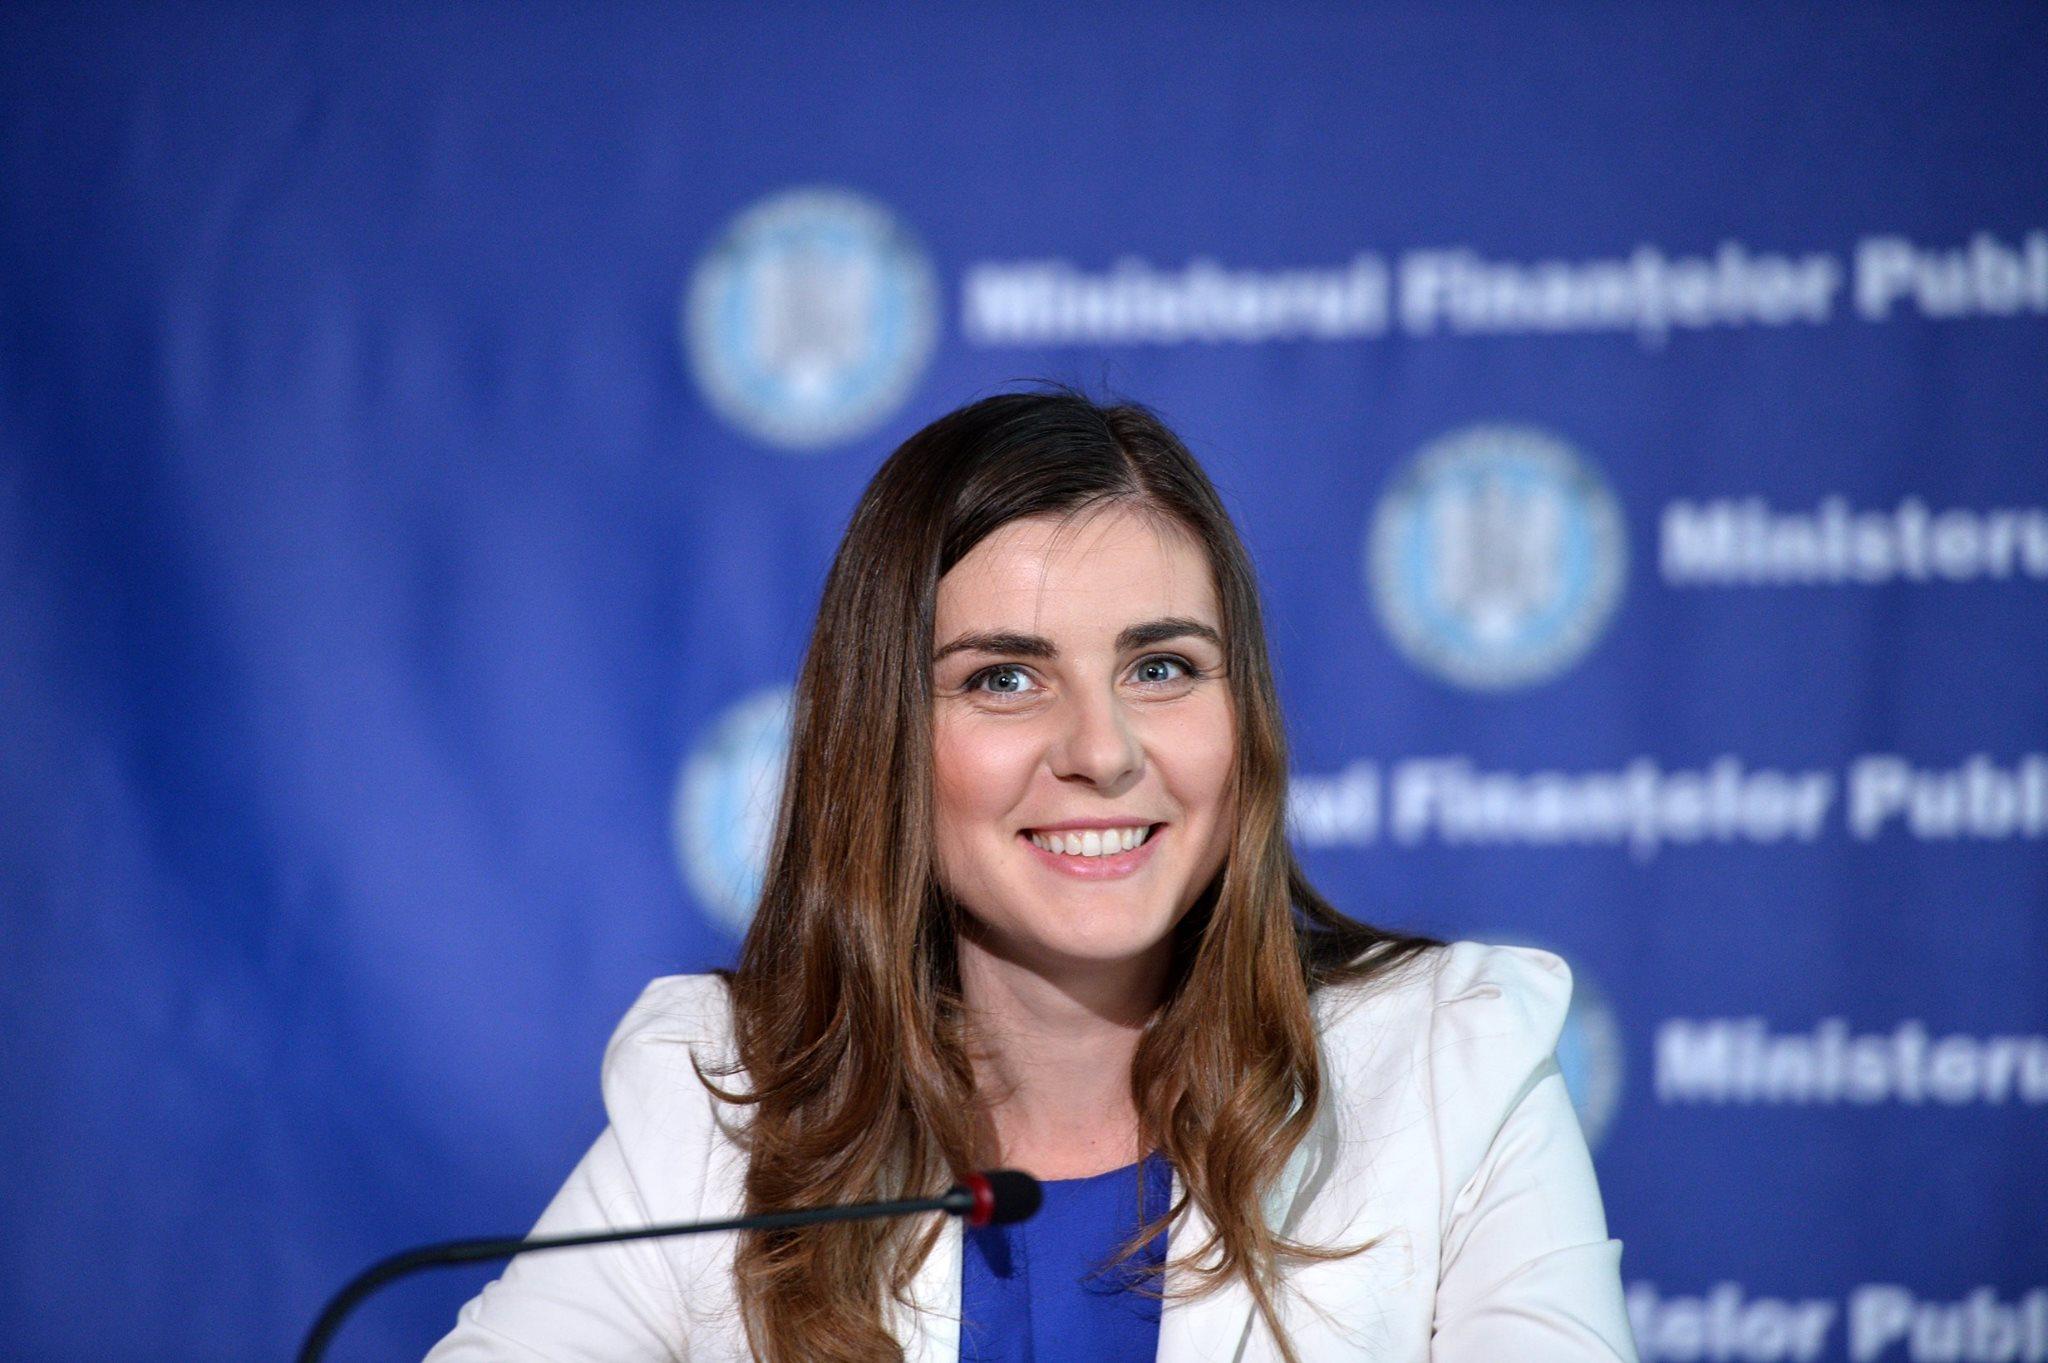 Ioana Petrescu: Pandemia va afecta veniturile tinerilor nu doar pe termen scurt, dar şi pe termen lung